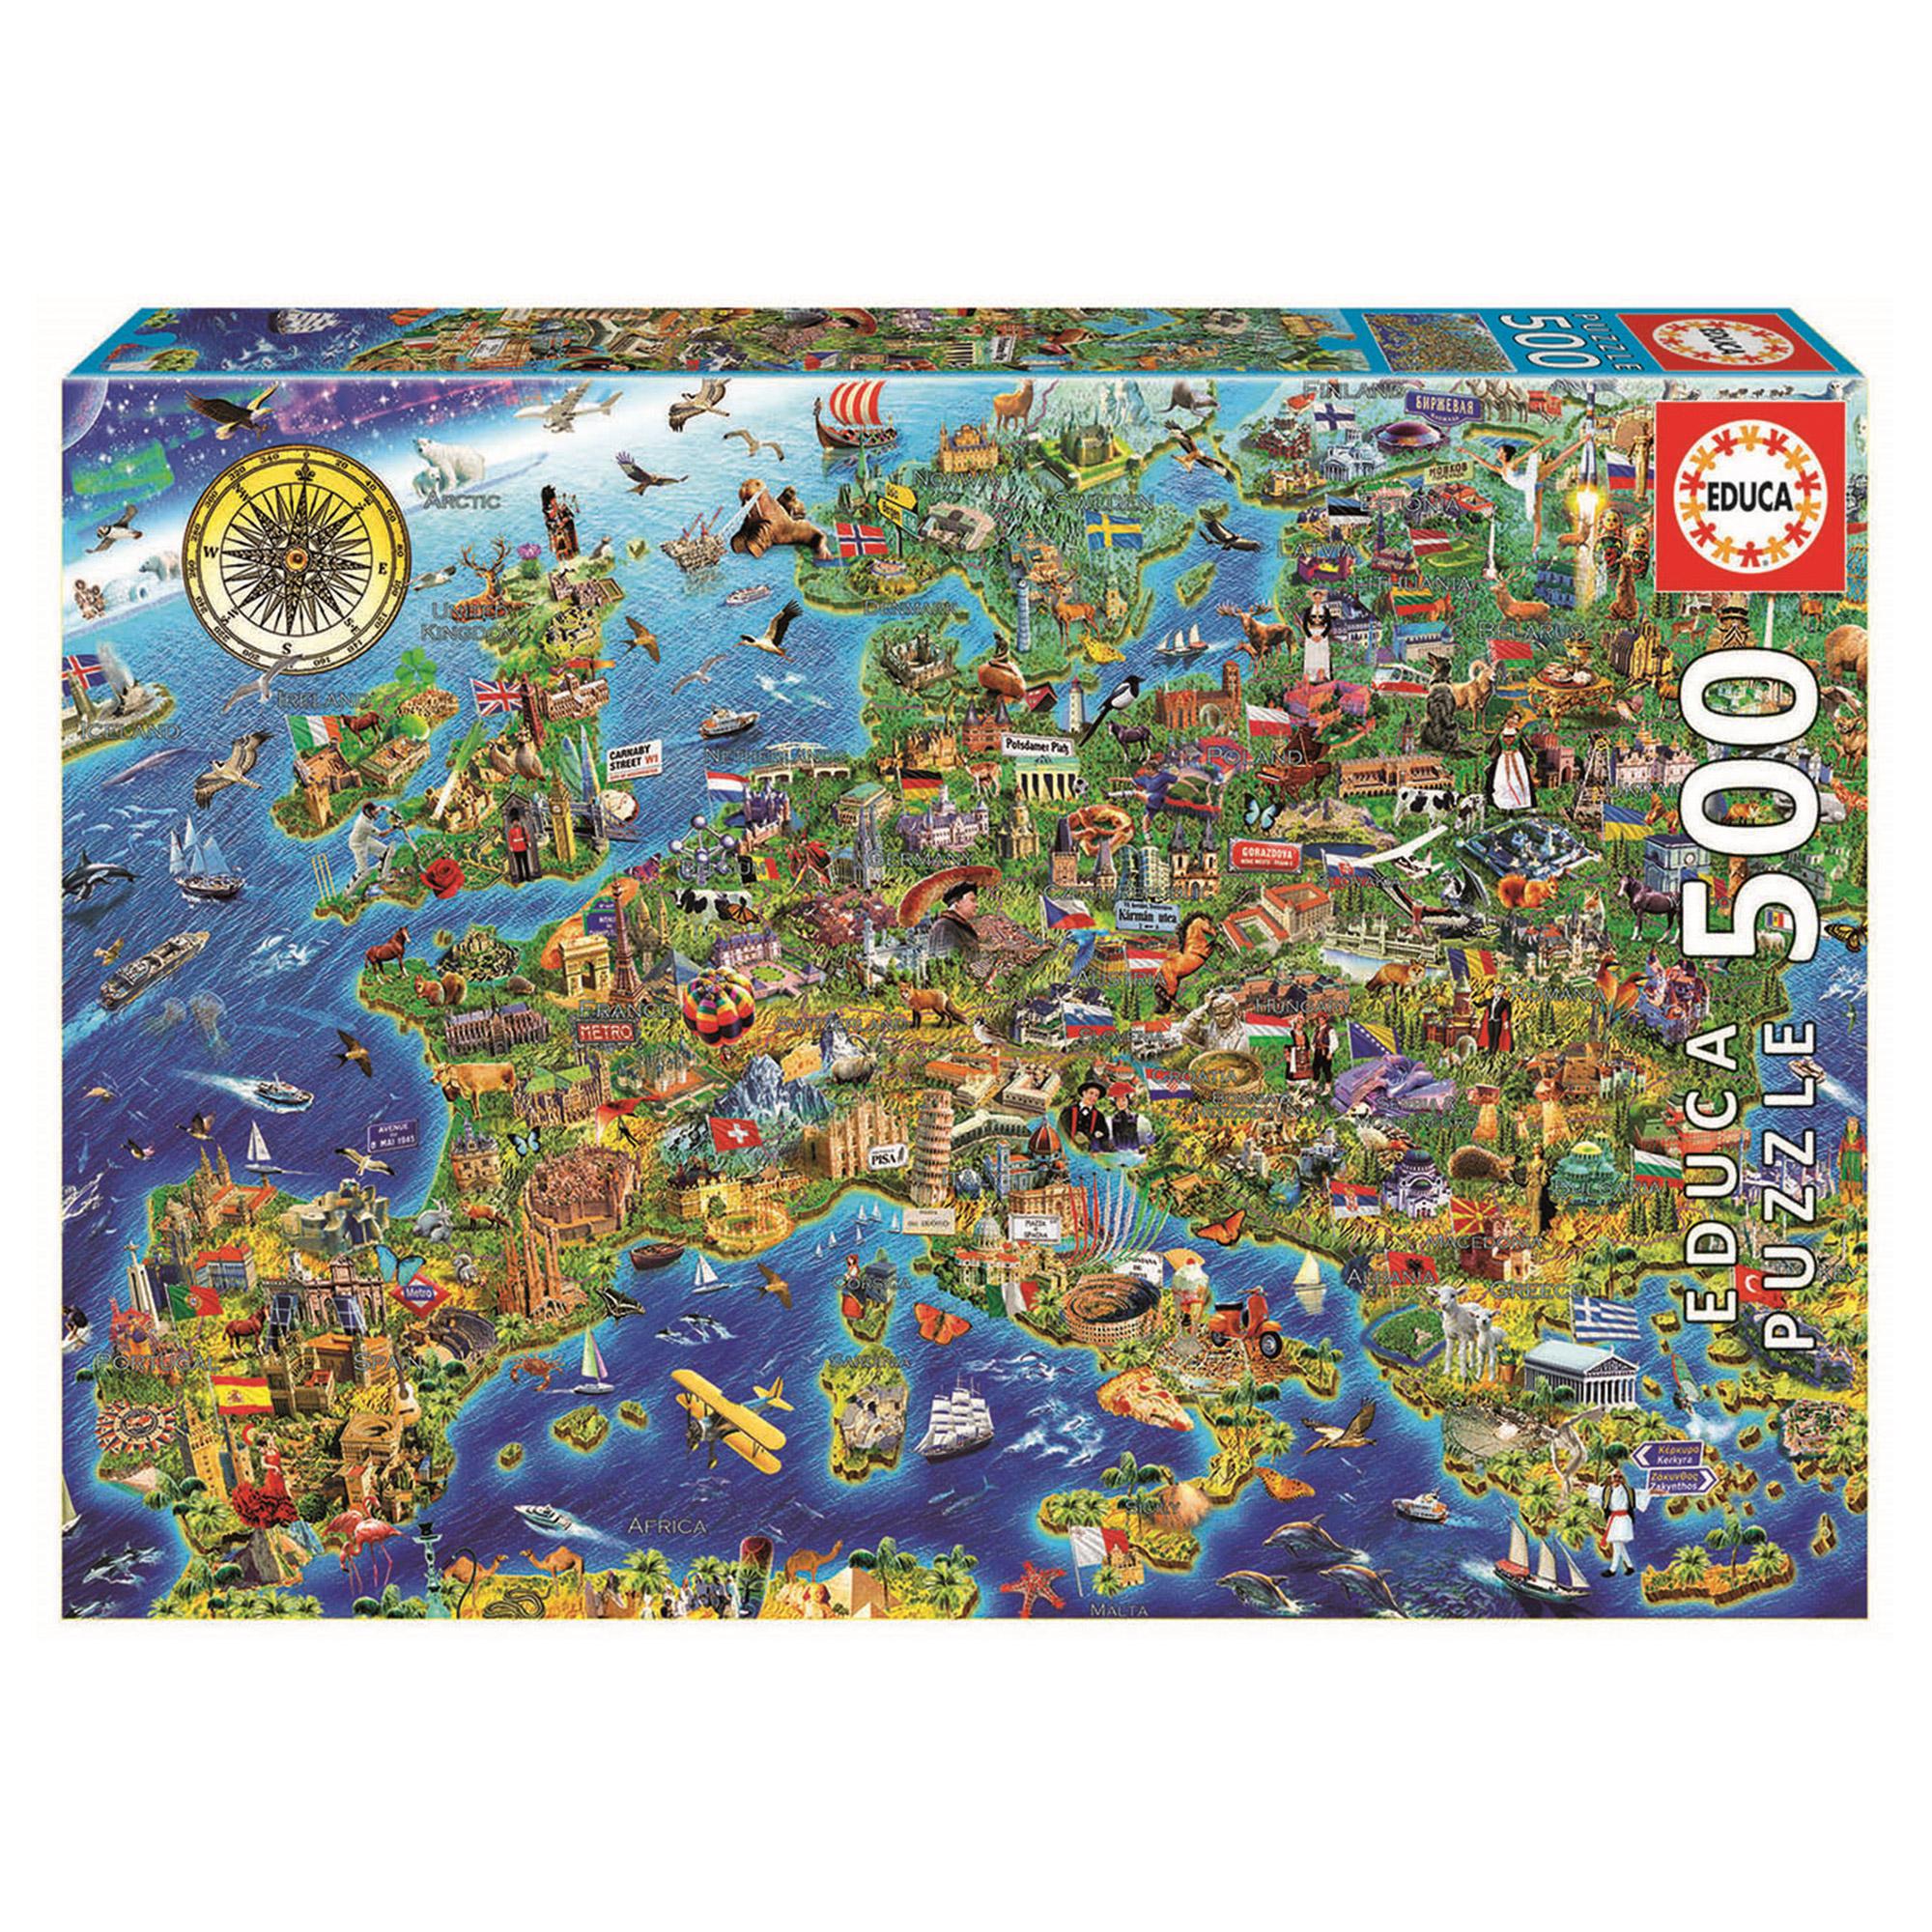 Пазл Educa Сумасшедшая карта Европы 500 деталей